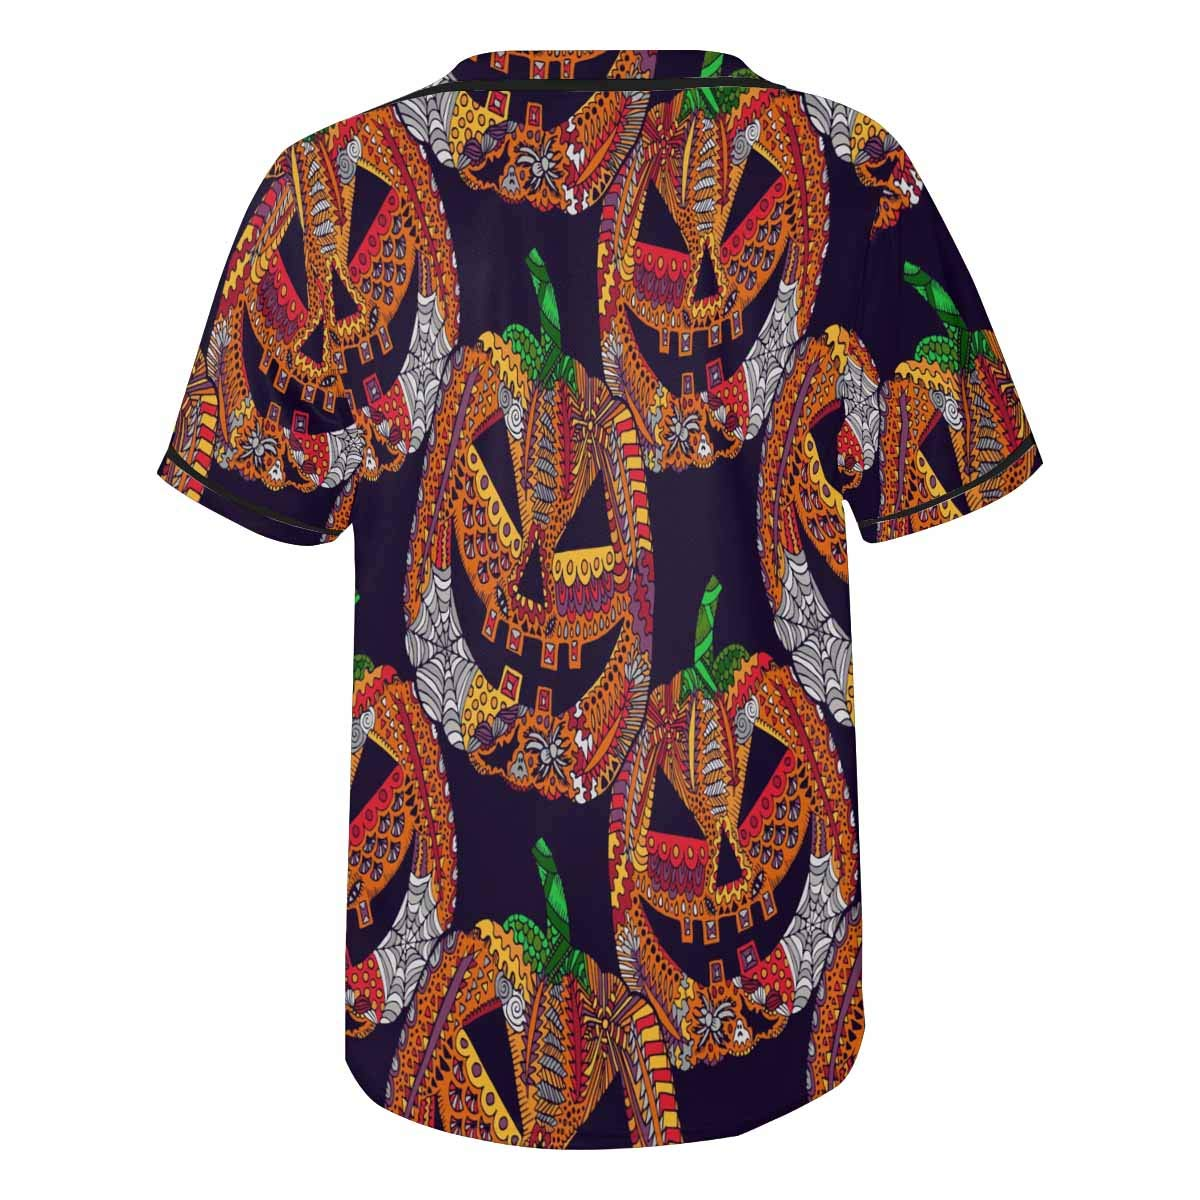 INTERESTPRINT Mens Hipster Hip Hop Button-Down Baseball Jersey Short Sleeve Shirt